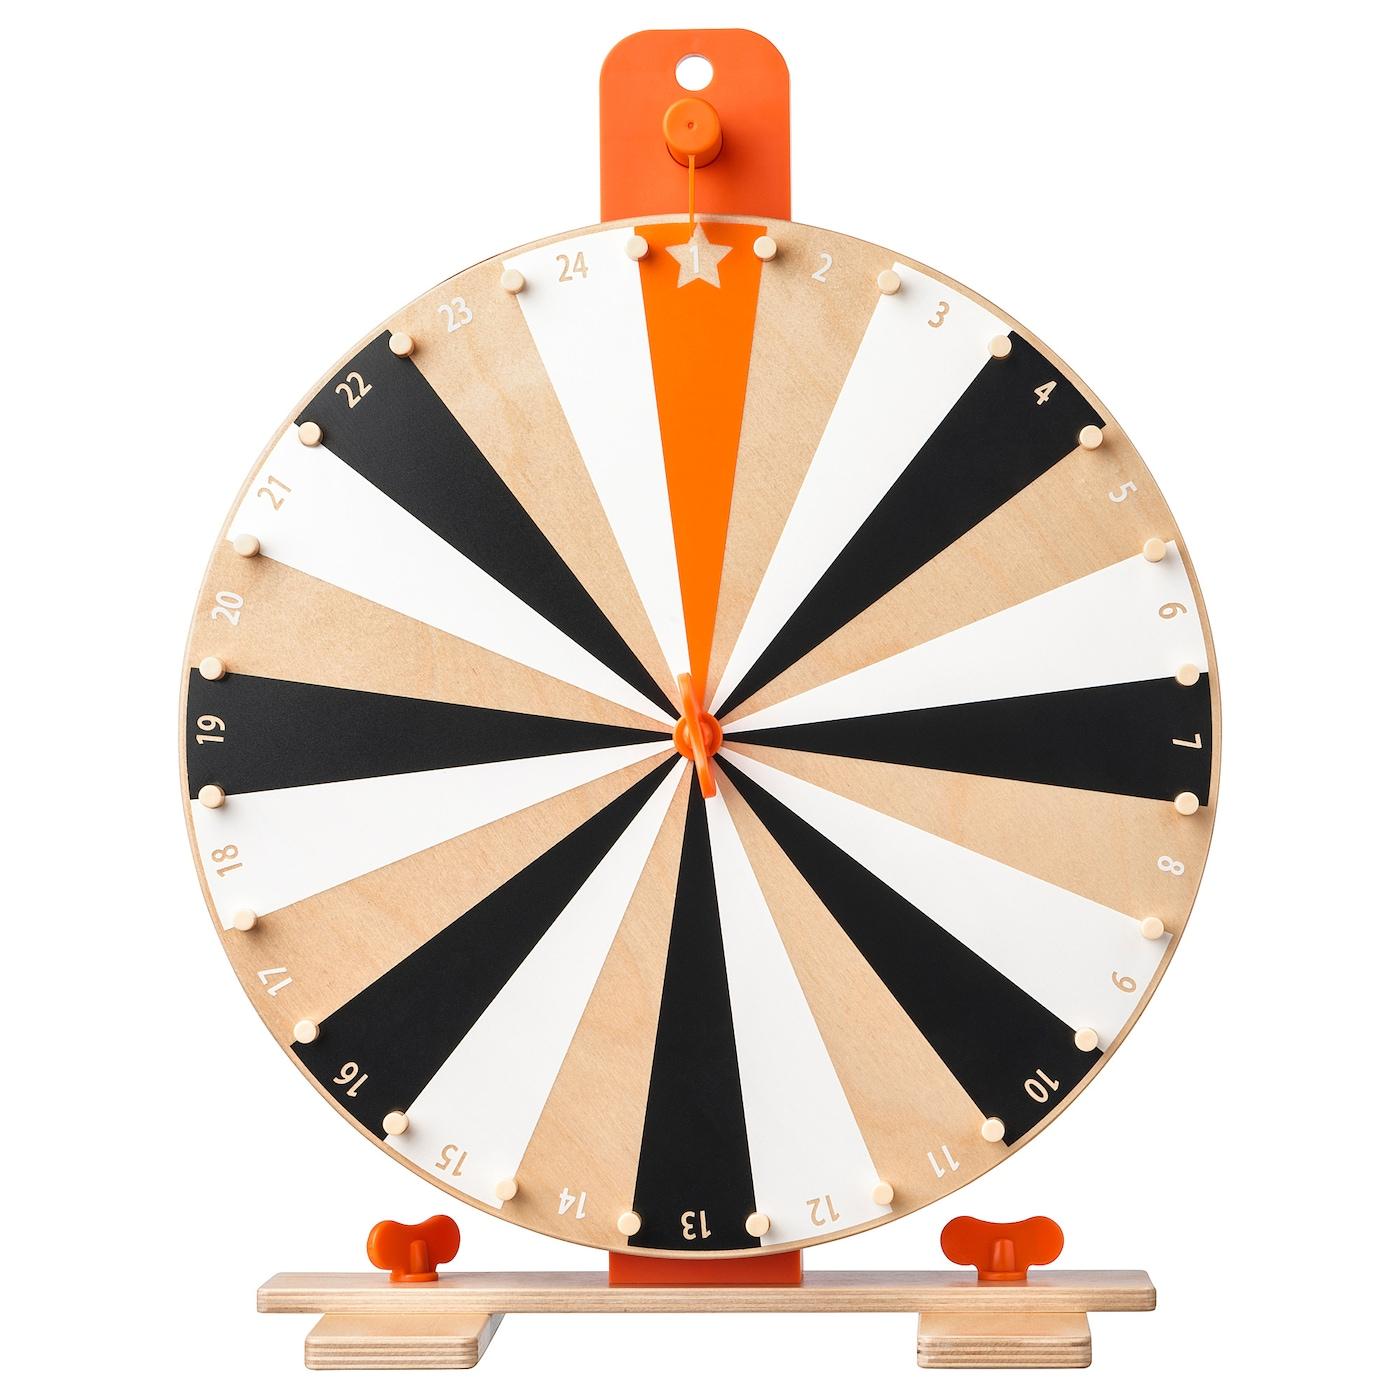 LUSTIGT Rueda fortuna juego - IKEA